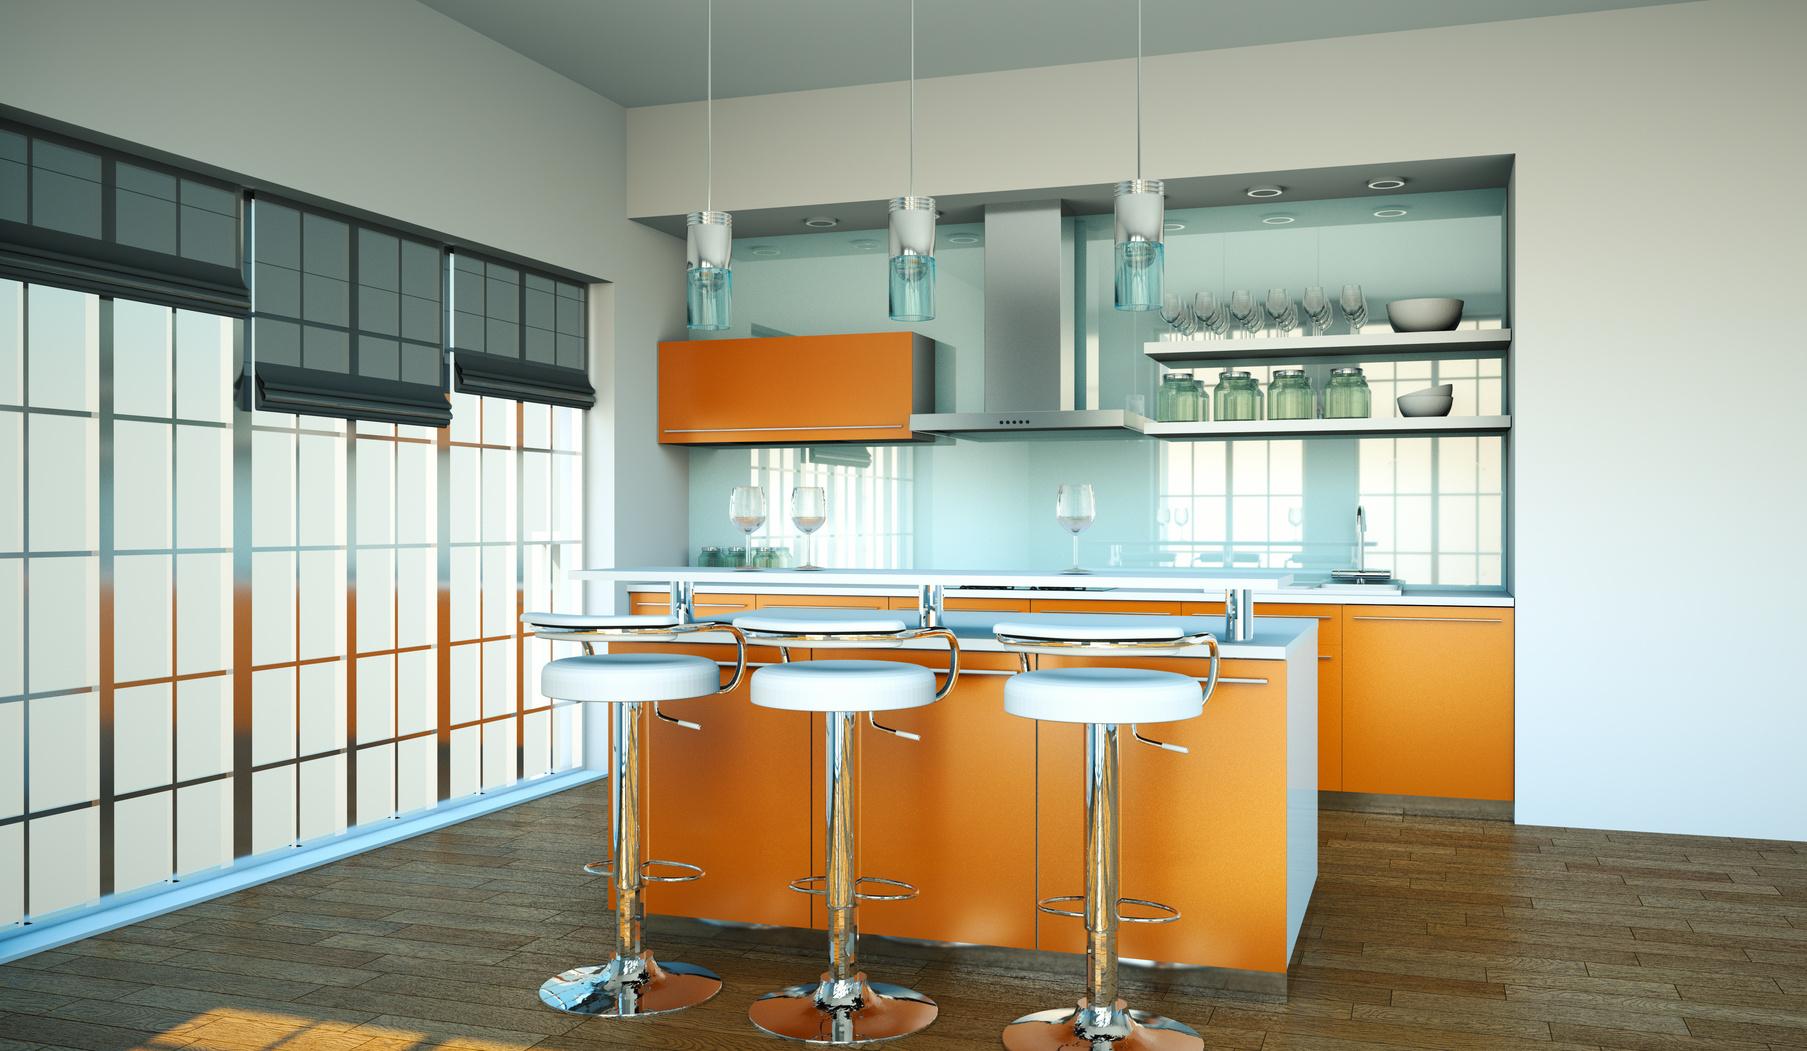 Moderní kuchyňský kout v oranžové barvě s ostrůvkem.